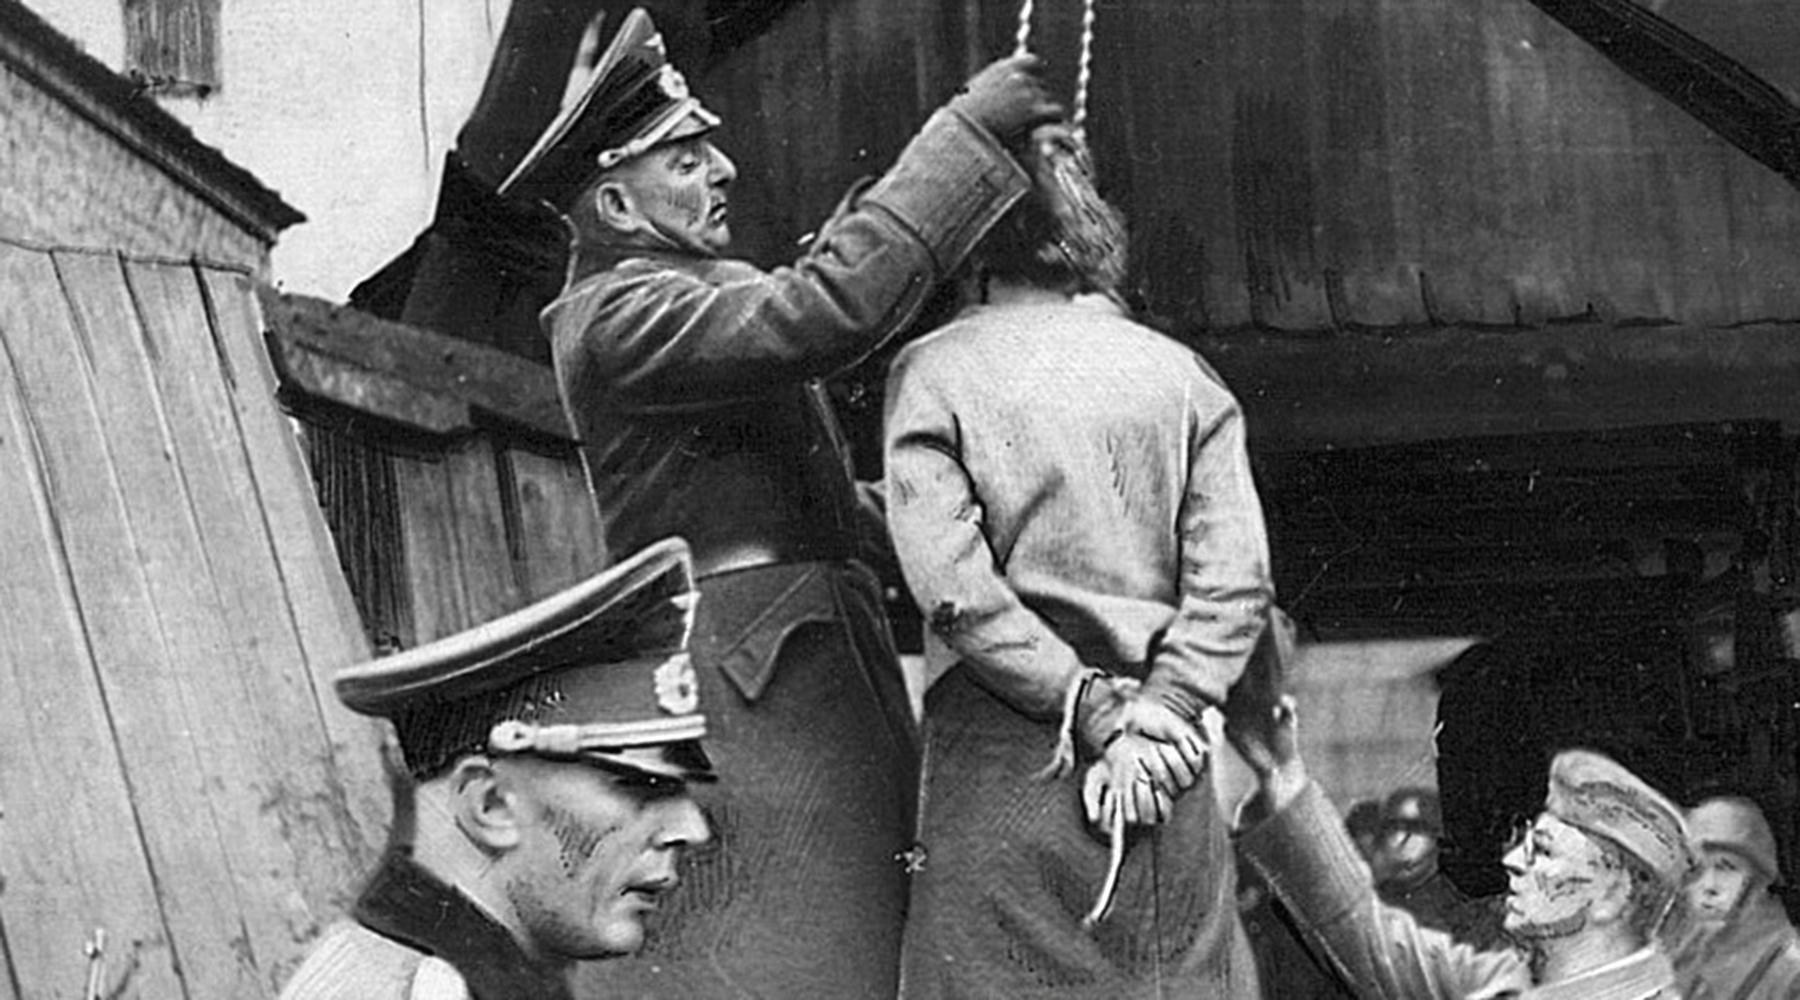 606f08d2ae5ac950016c5082 «Об этом нельзя молчать»: Минобороны запустило проект о жертвах нацизма в годы ВОВ